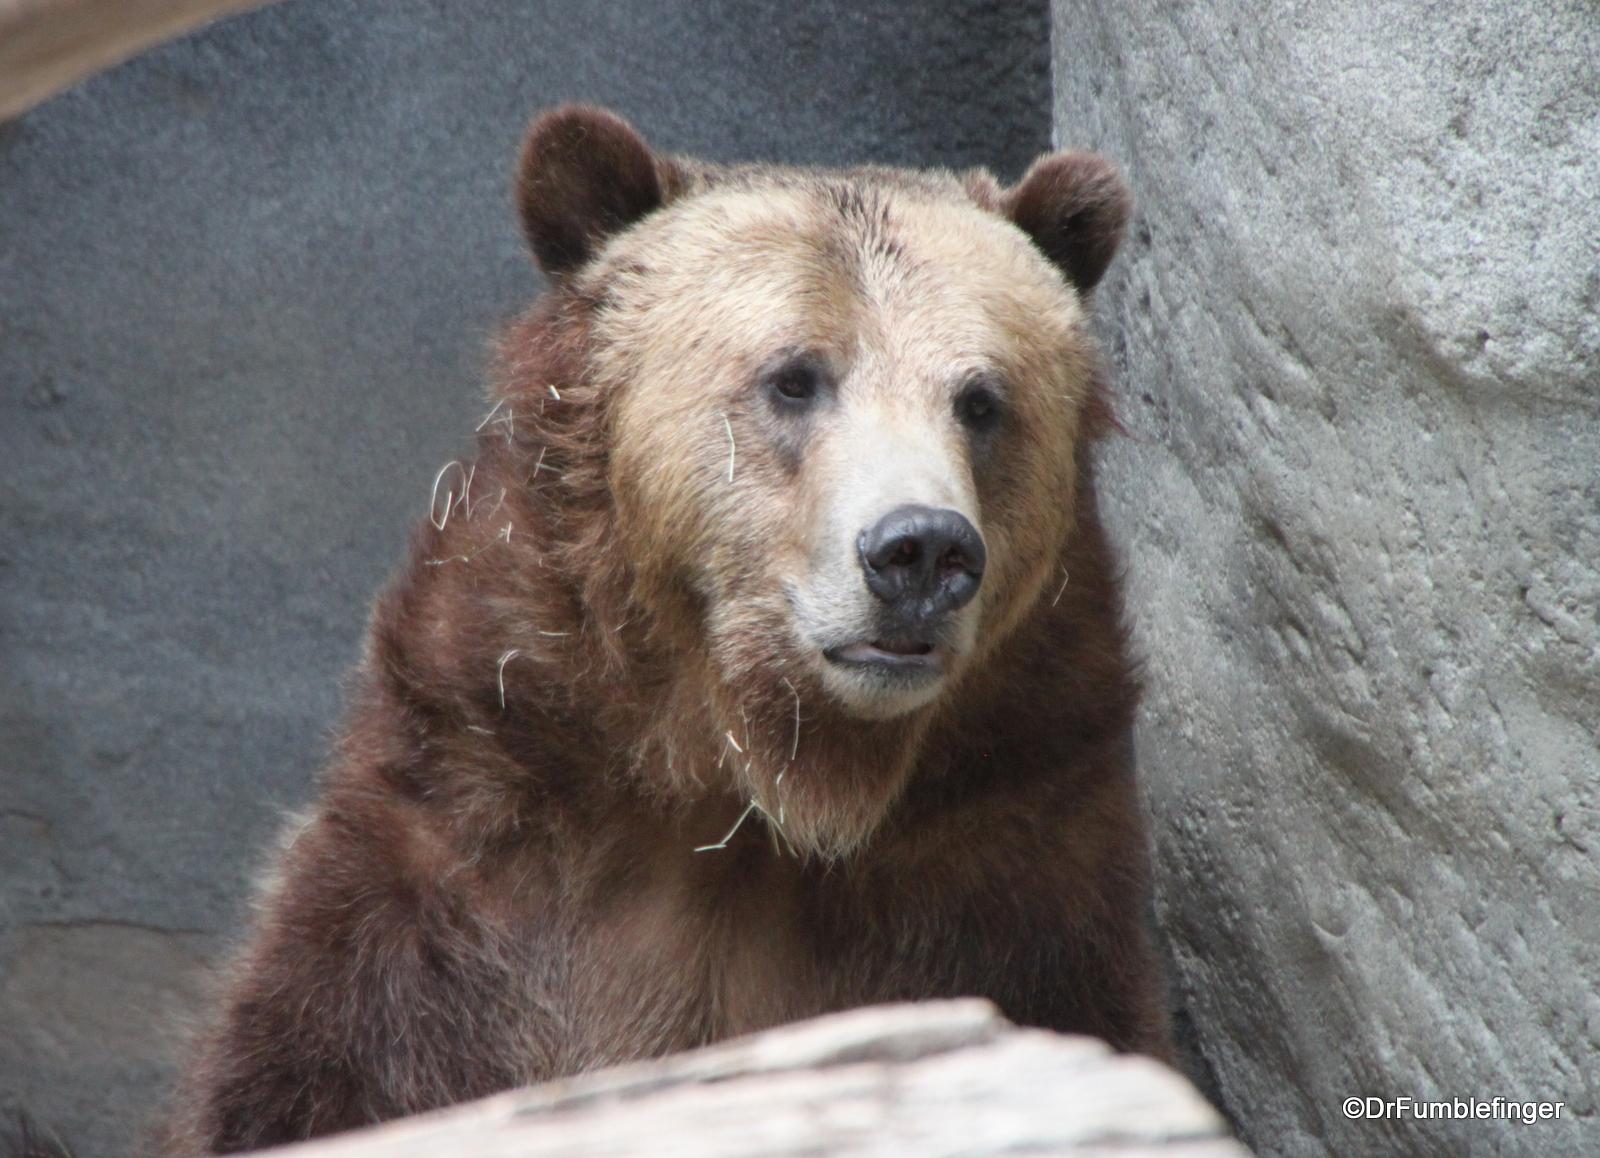 San Diego Zoo, Grizzly bear